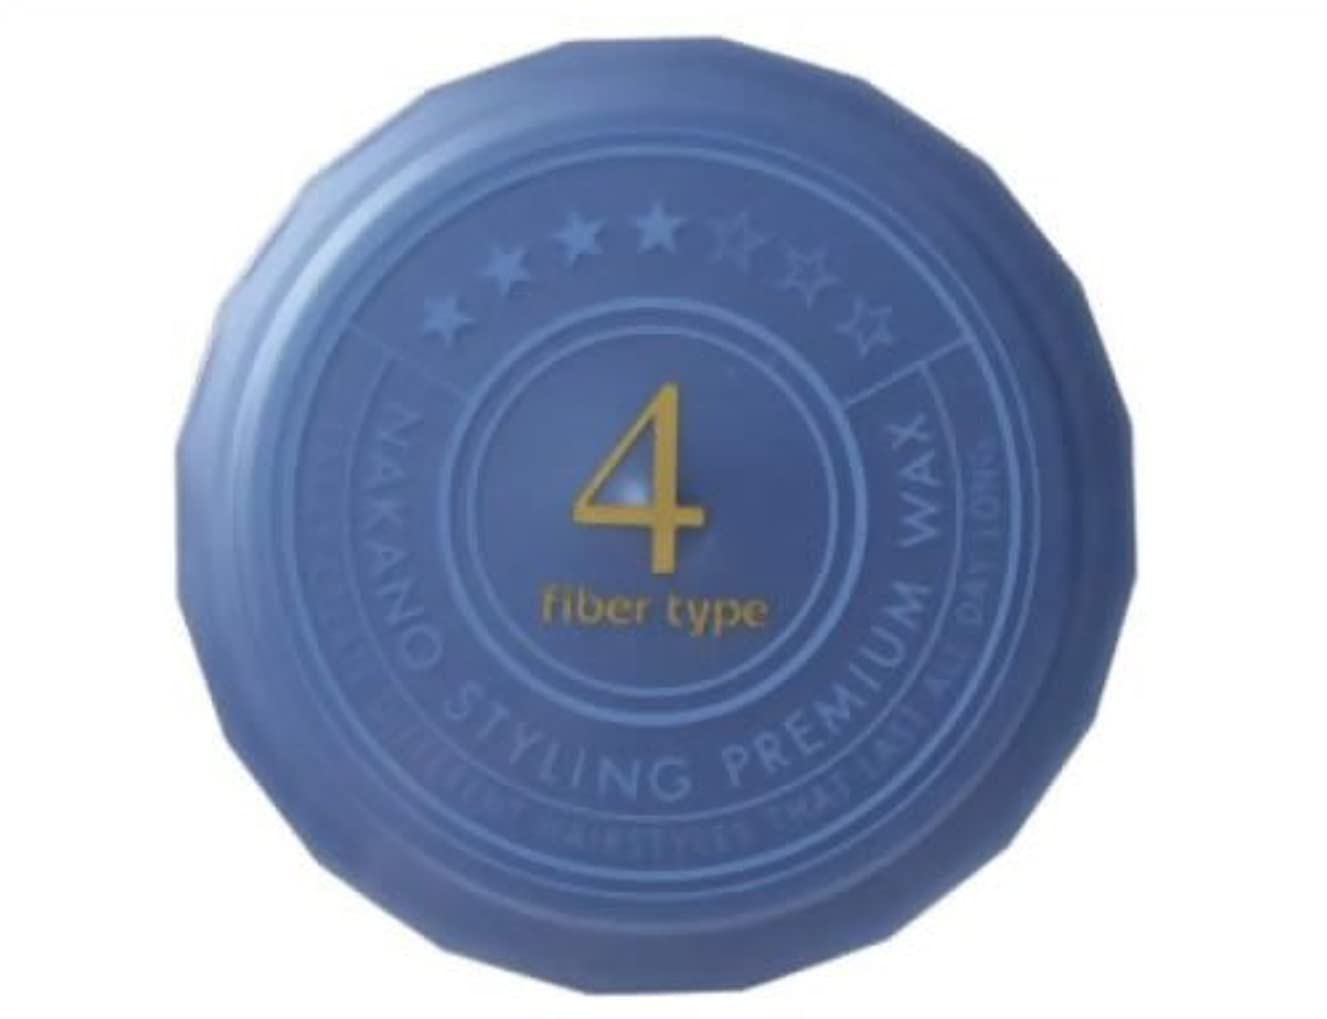 フルーツ野菜床を掃除する歯ナカノ スタイリングプレミアムワックス 4 ハードタイプ 60g